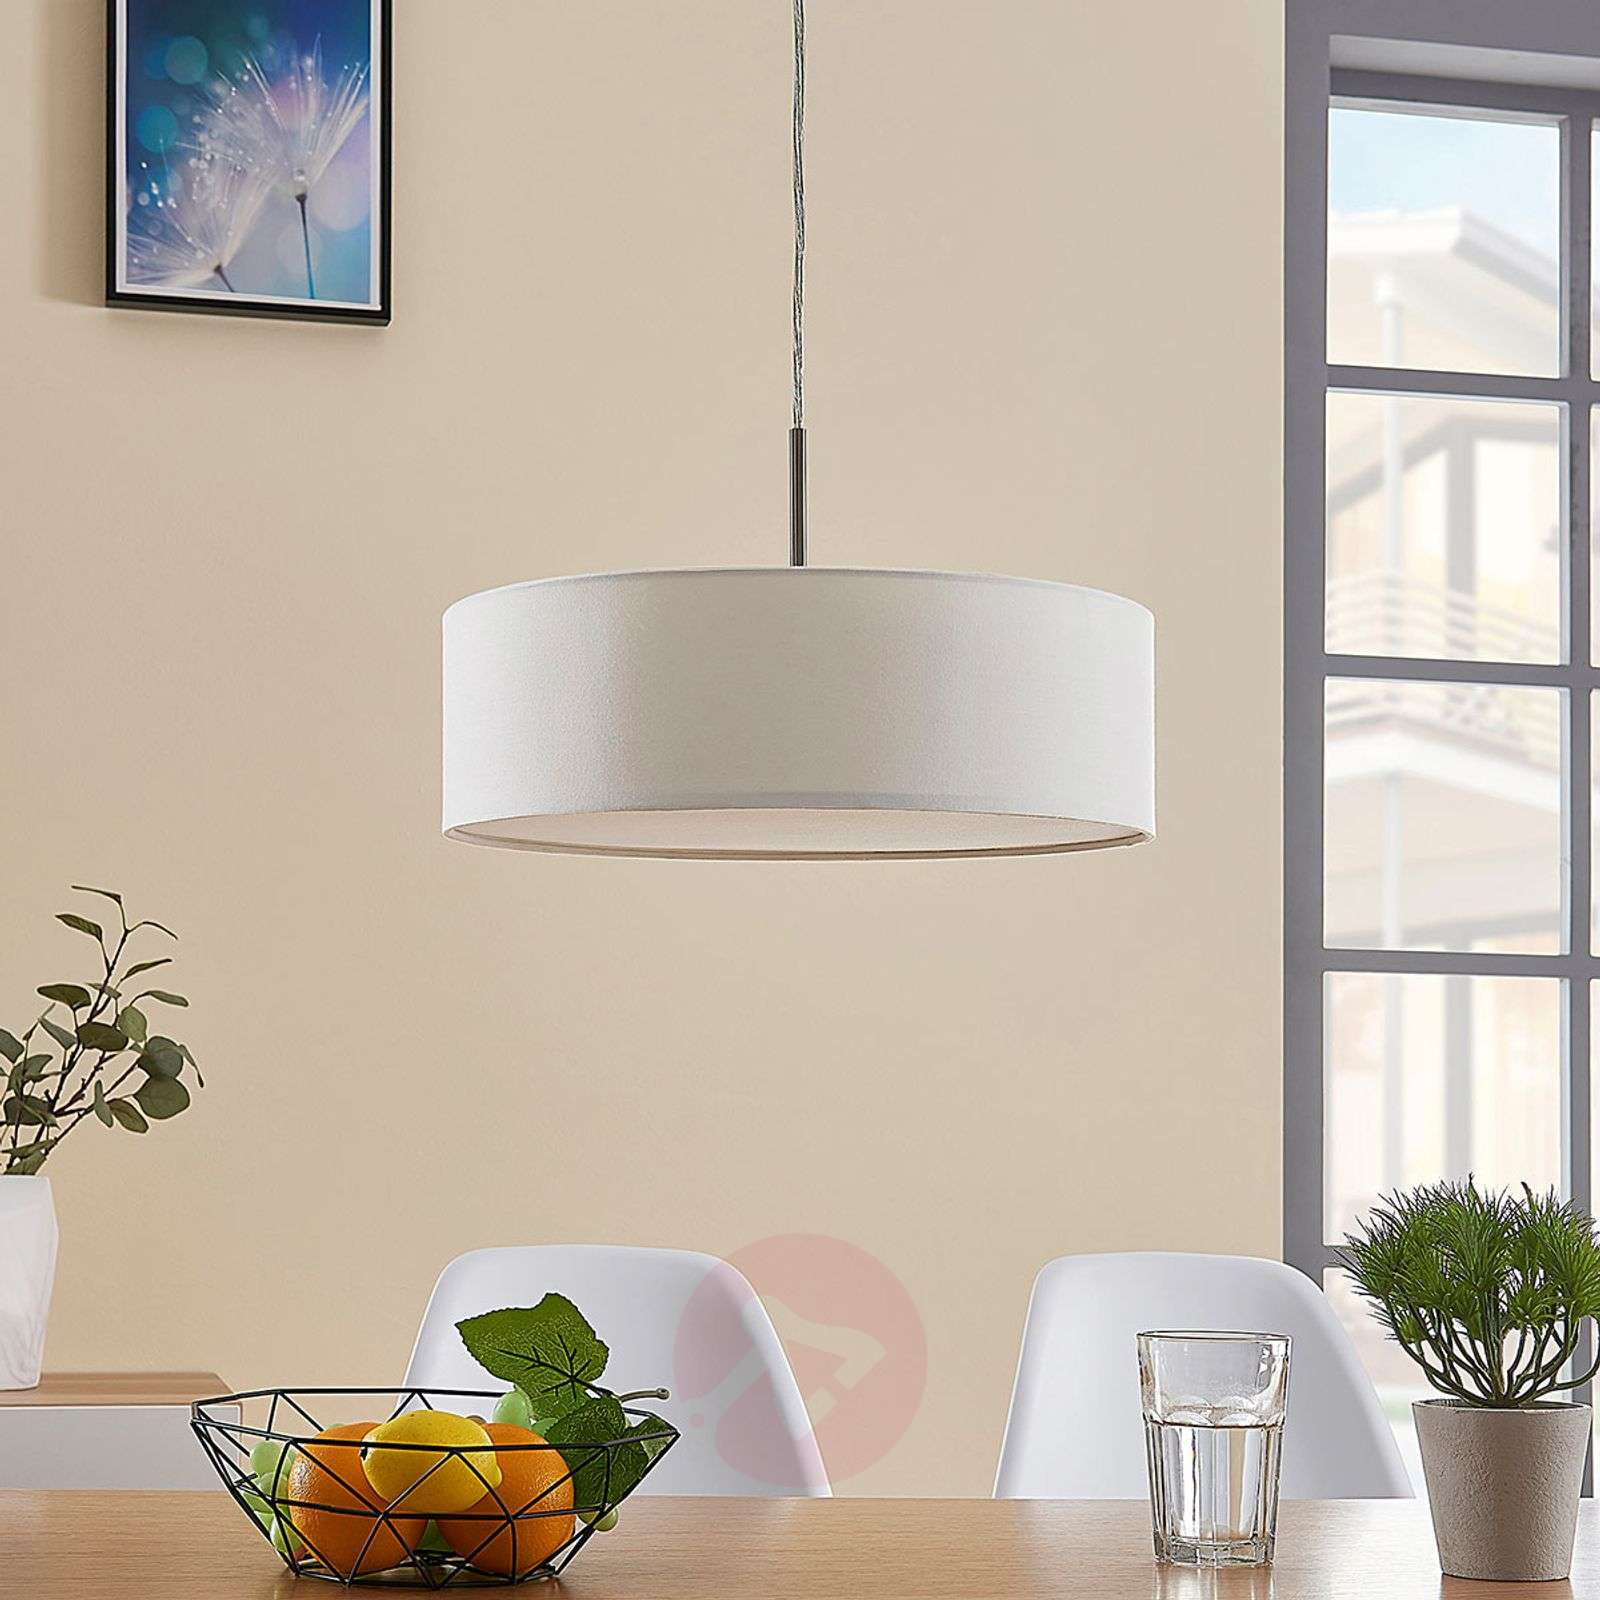 Cream-coloured fabric LED pendant light Sebatin-9620324-03